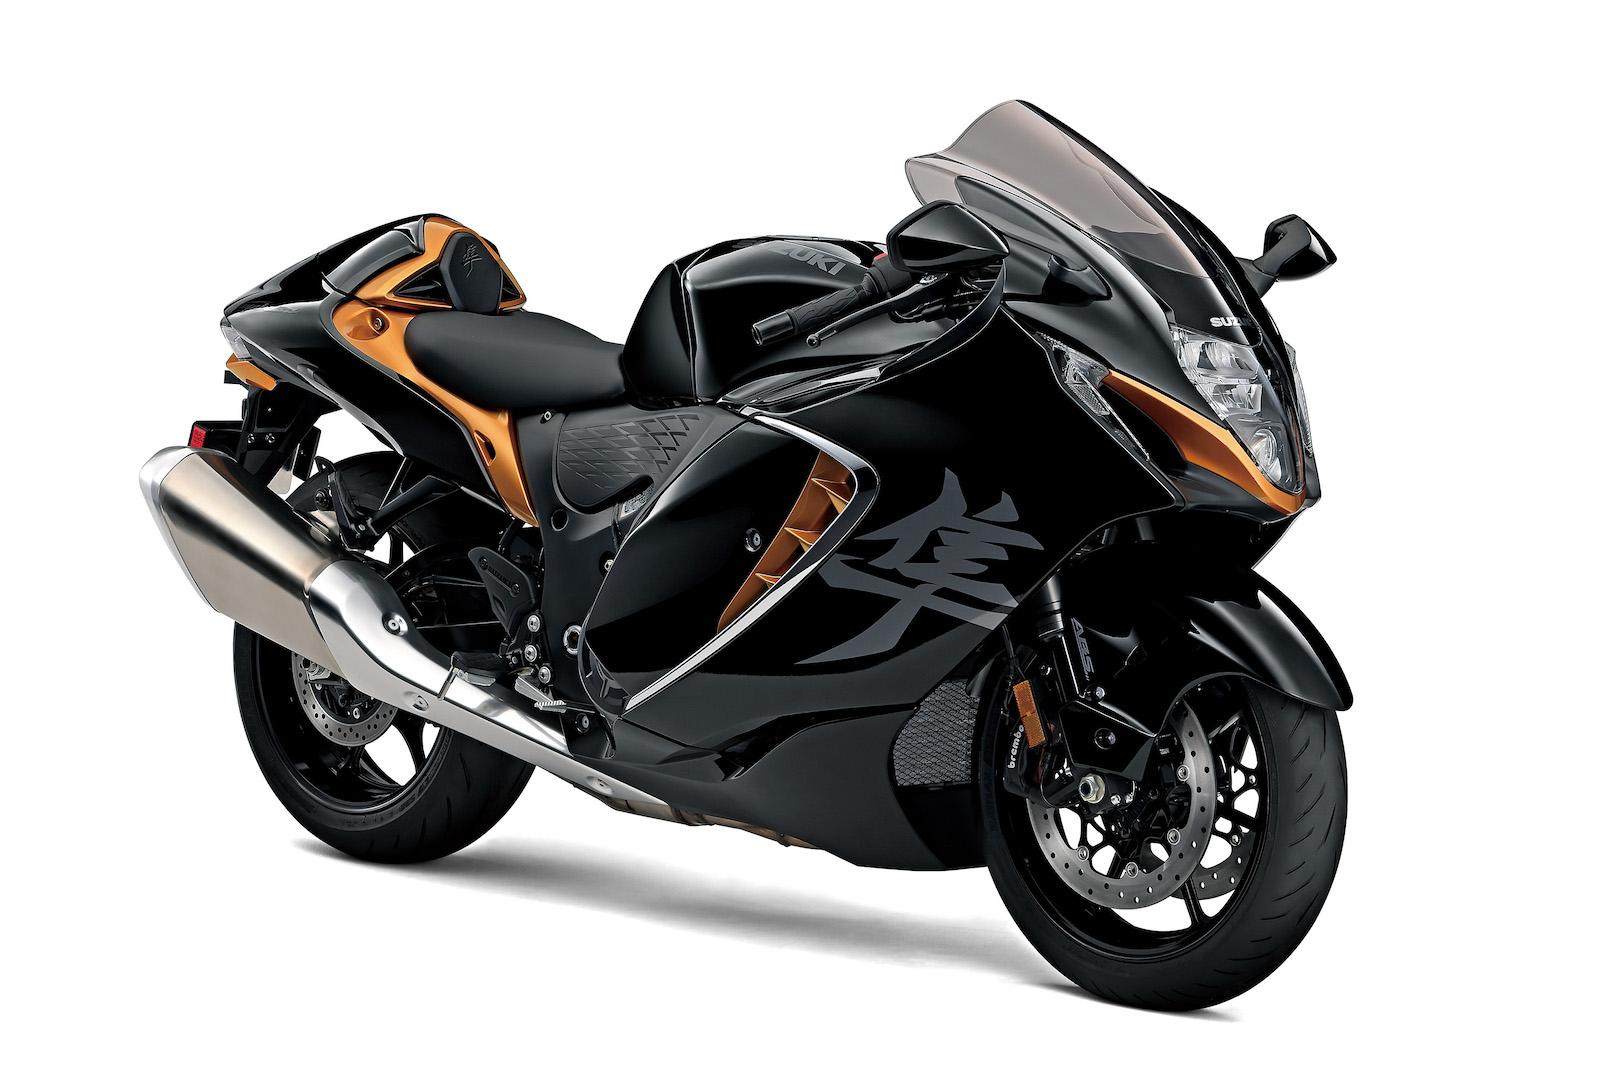 スズキ・モーターサイクル・インディア社(SMIPL社)5月より新型「Hayabusa」を組み立てて販売